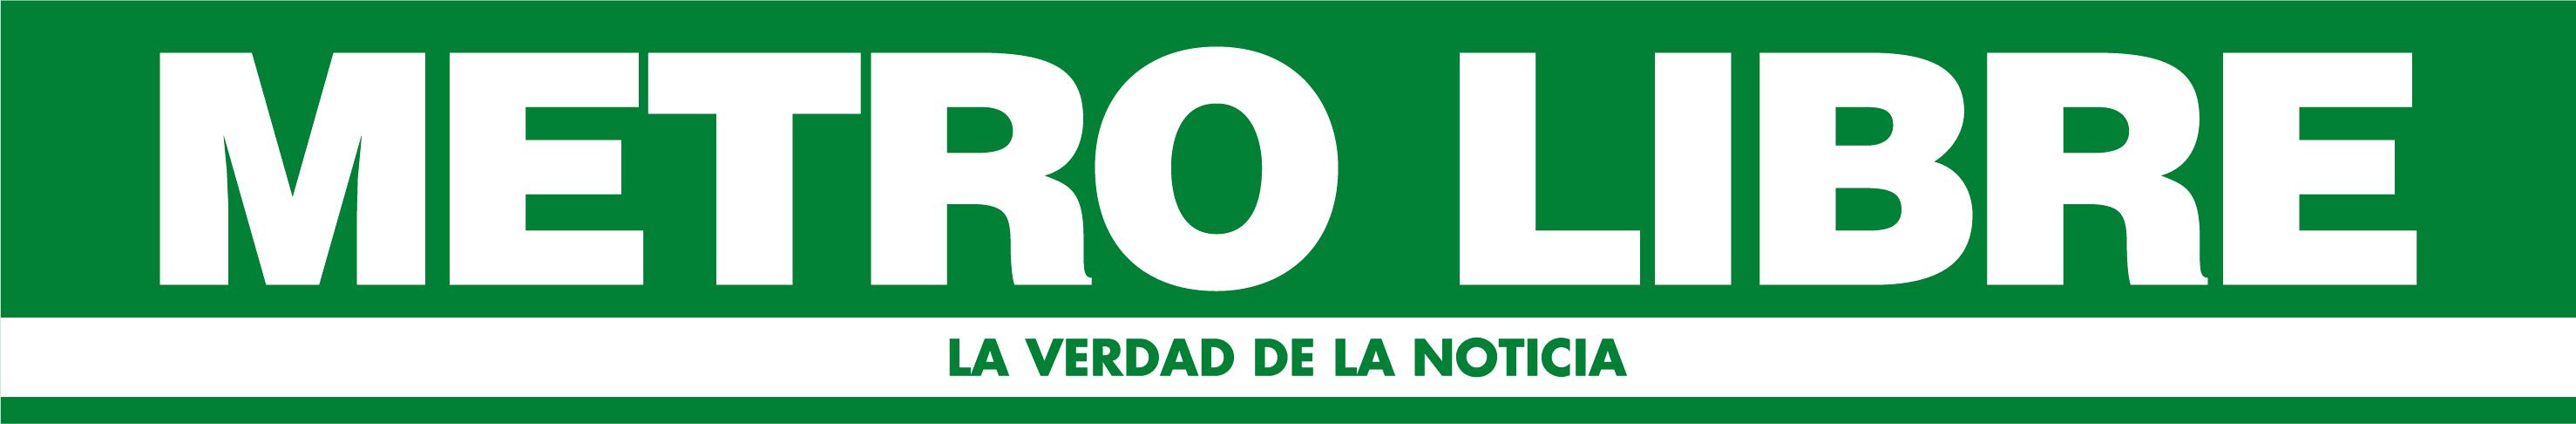 Metro Libre 27 Junio De 2019clone Pages 1 32 Text - roblox builders club suscripci#U00f3n 1 mes cl#U00e1sica